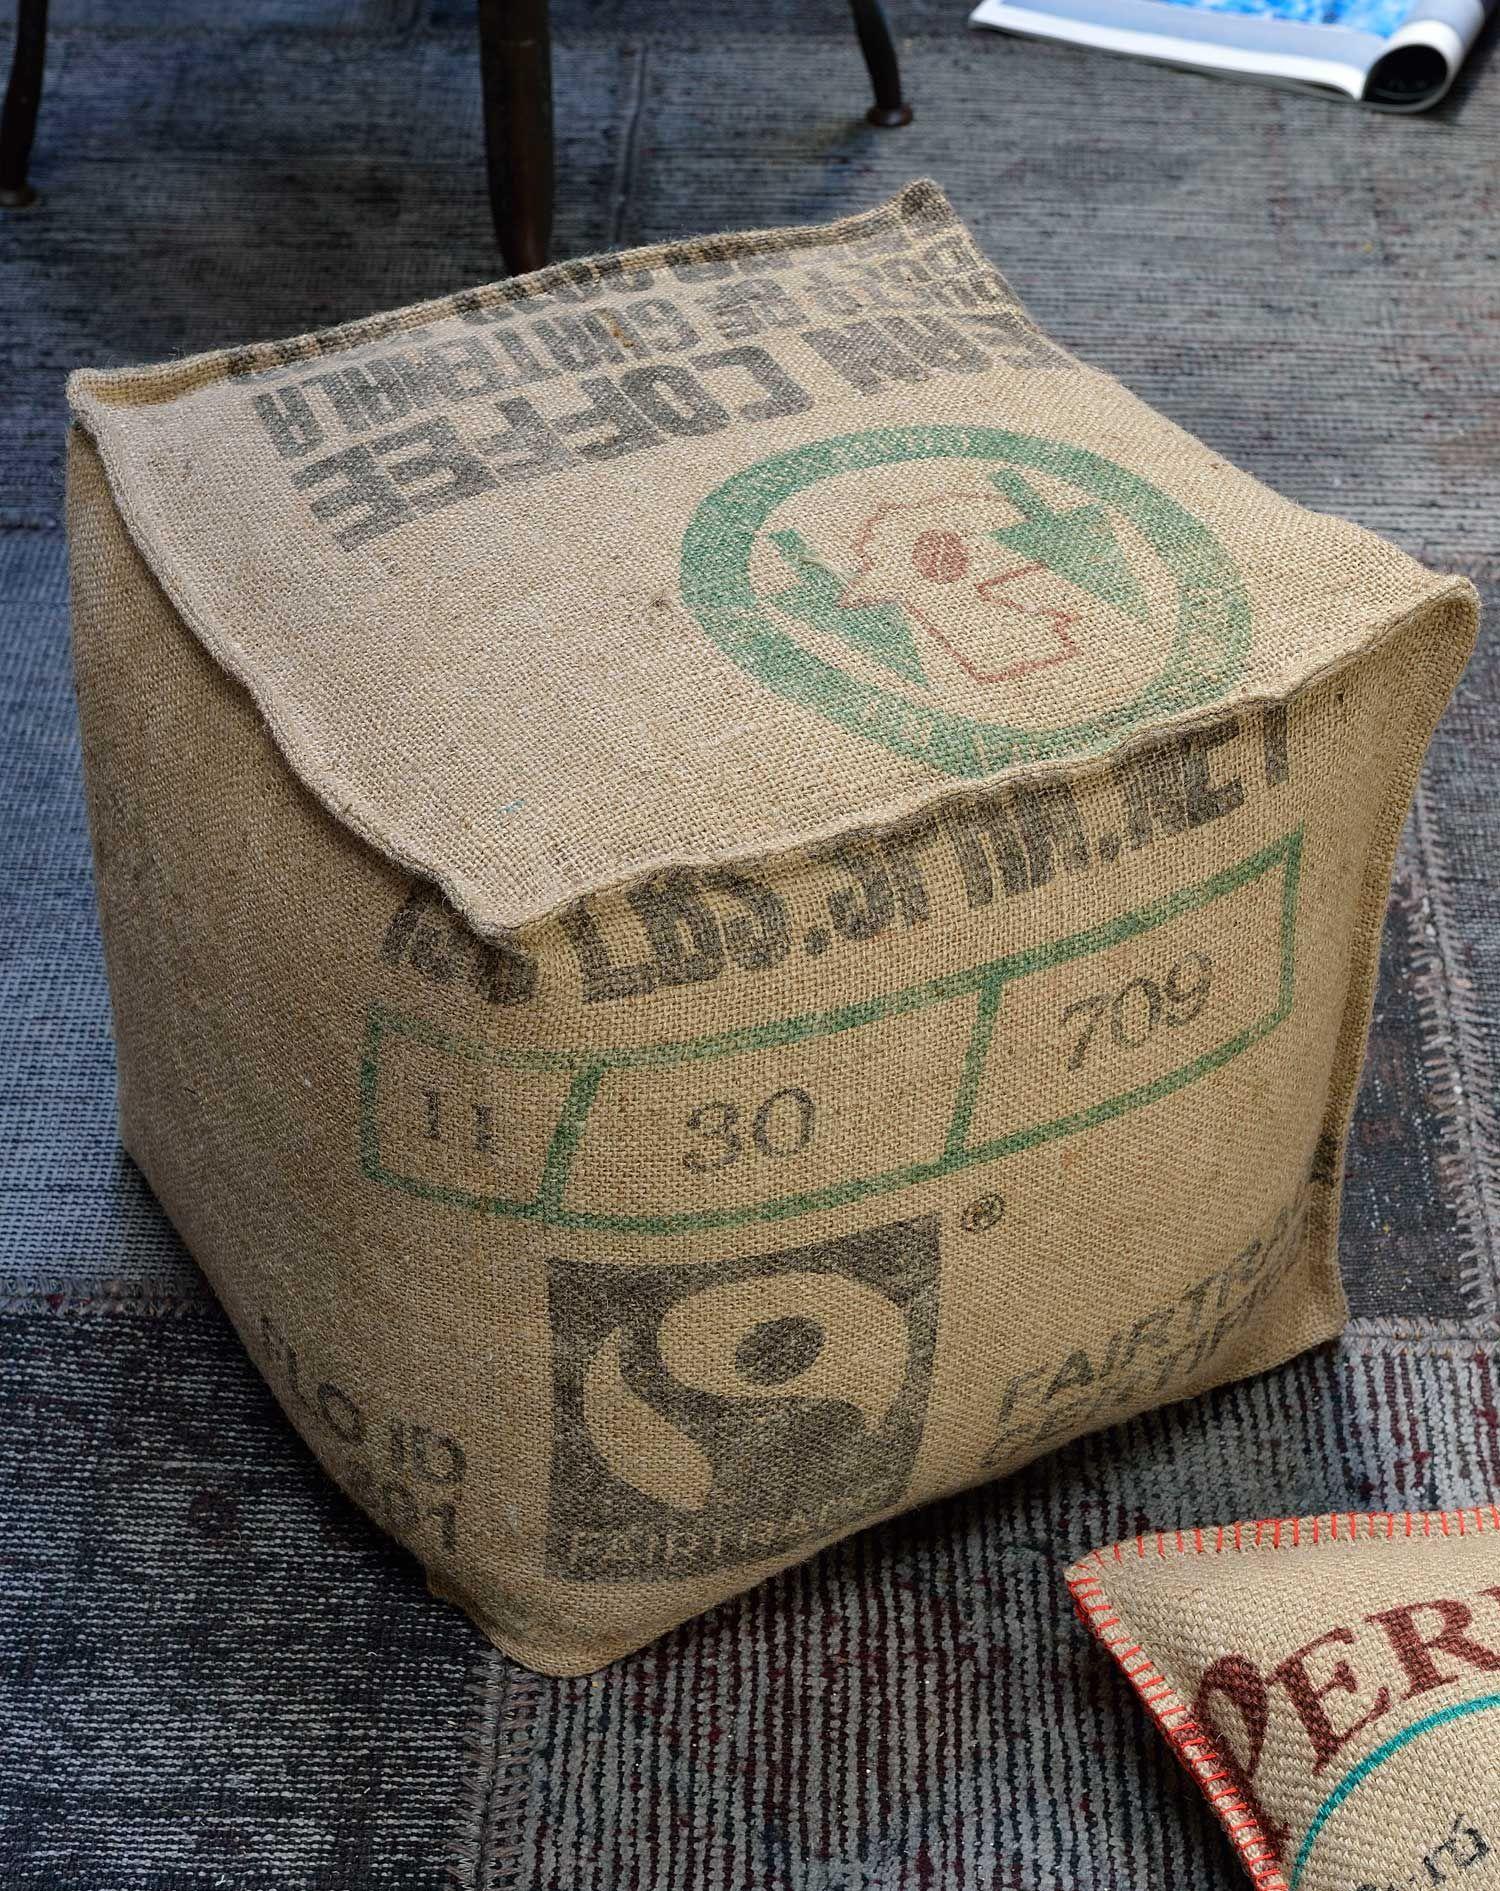 100 toile de jute de sacs de caf recycl s fabrication artisanale responsable et thique. Black Bedroom Furniture Sets. Home Design Ideas